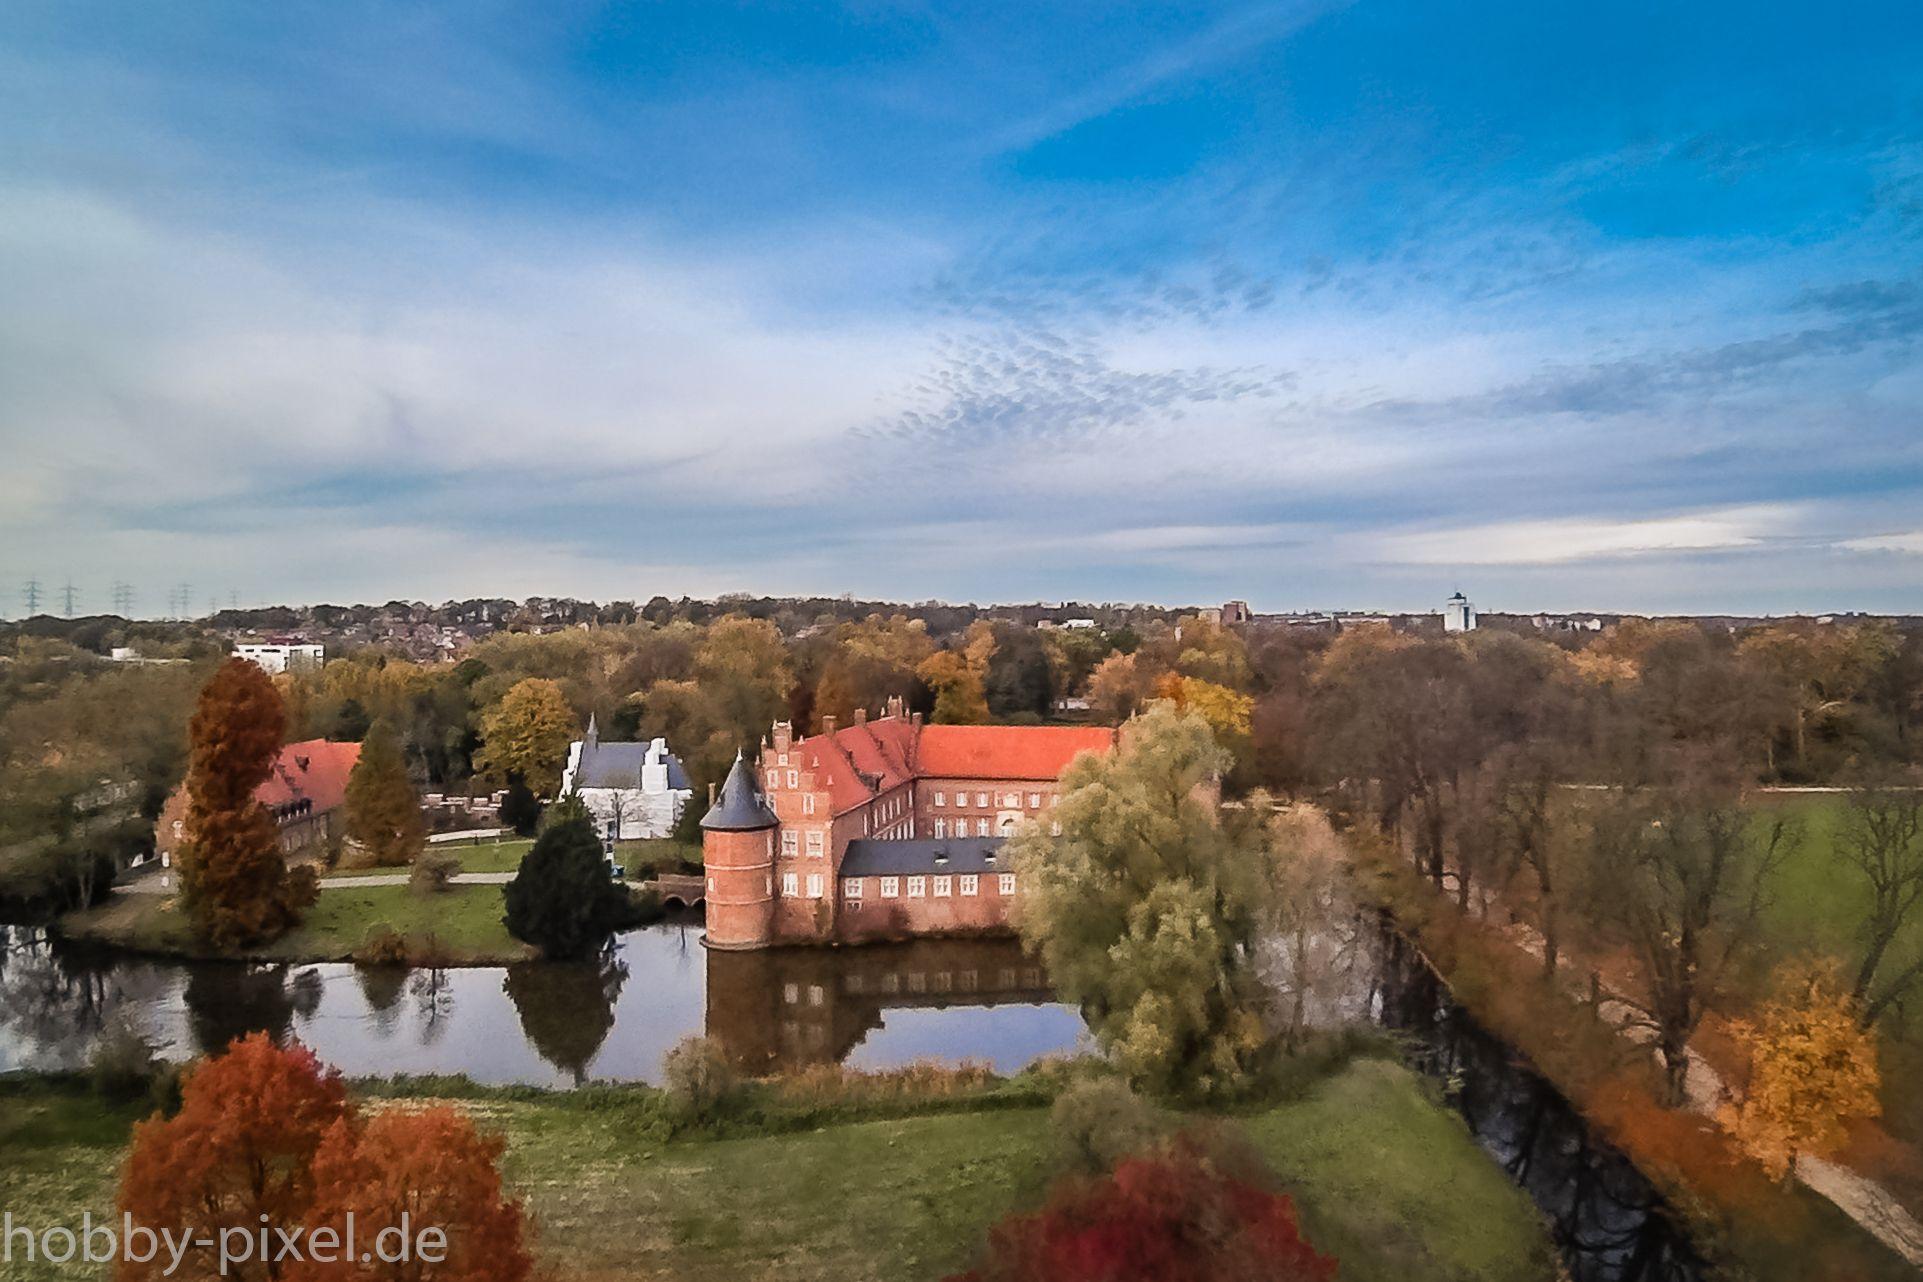 Klettergerüst Schlosspark Herten : Die 8 besten bilder von luftfotos schlosspark herten babies boys